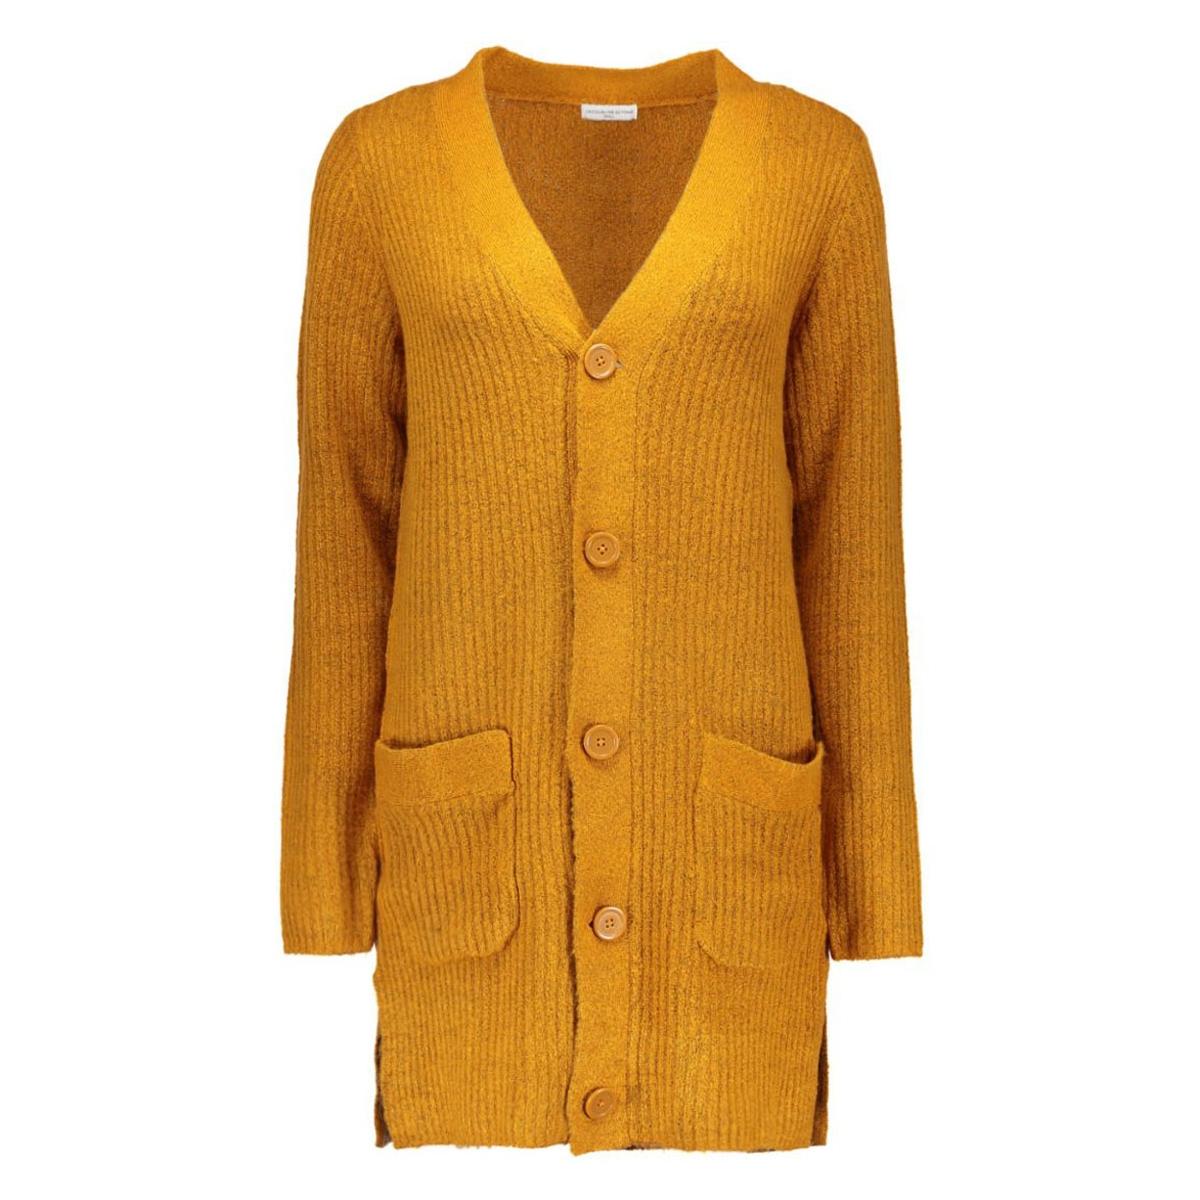 jdyarken l/s cardigan noos knt 15117366 jacqueline de yong vest pumpkin spice